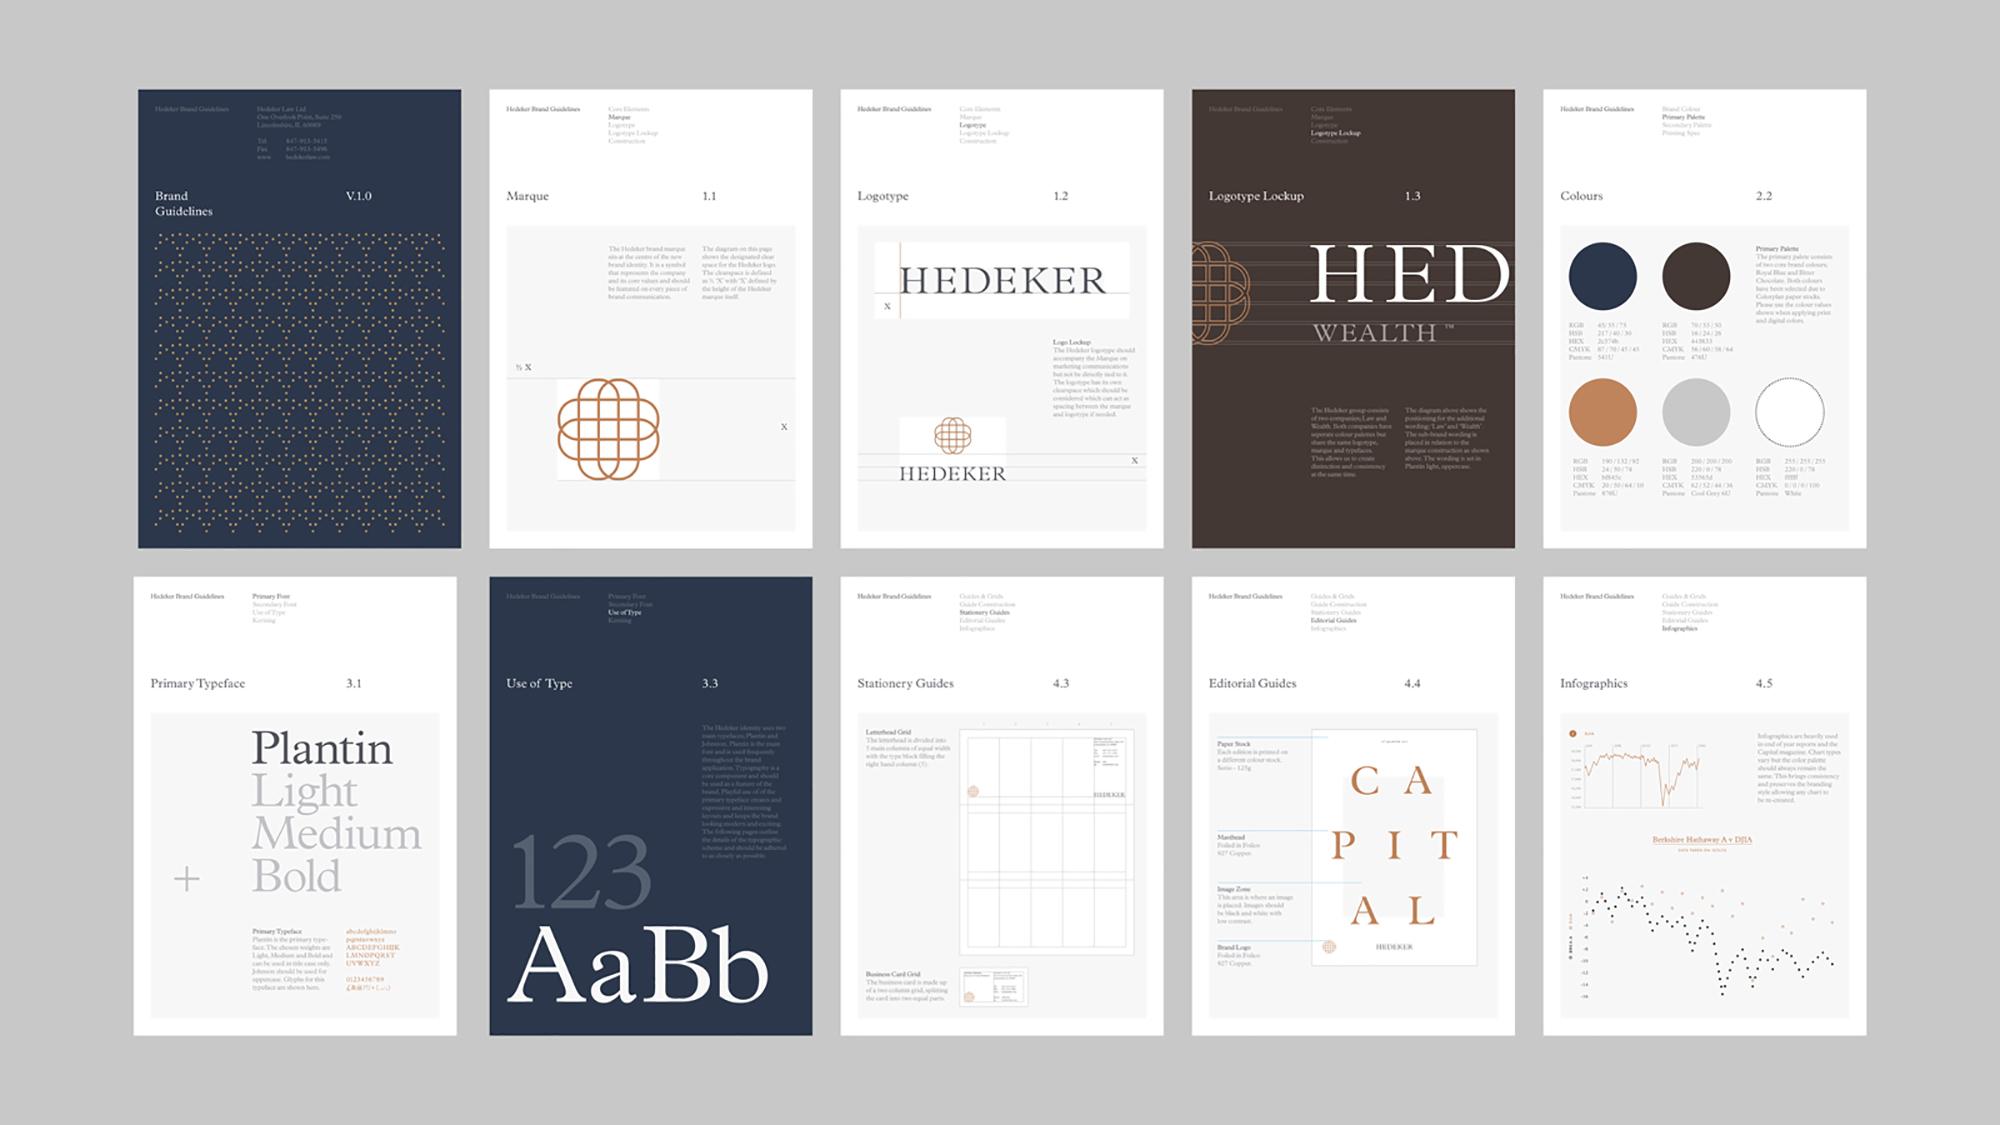 KFDS_insight Brand Book_esempio di brand book